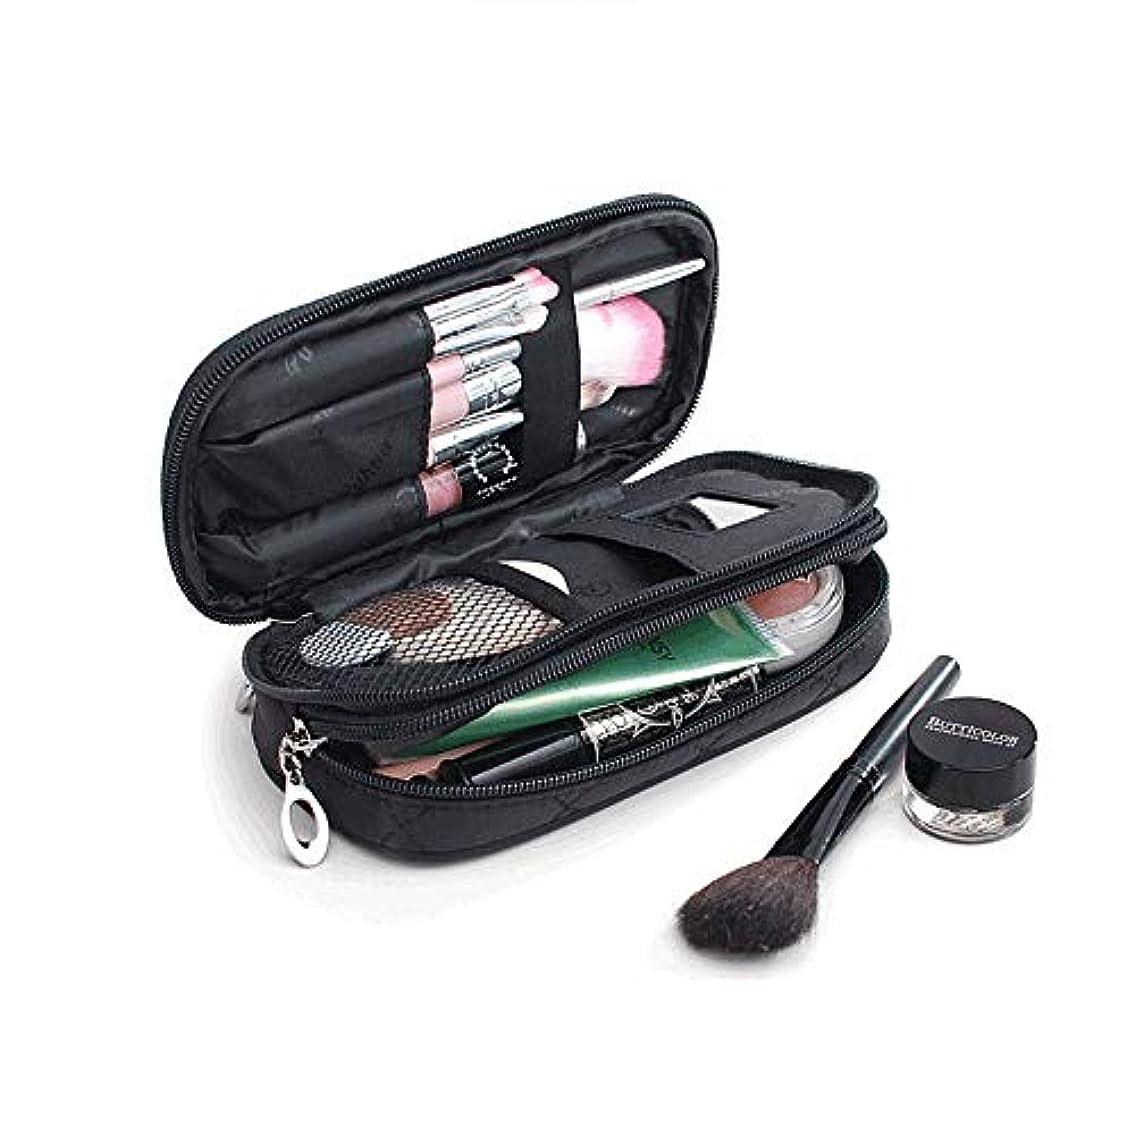 形ガレージメディックサントレード 化粧ポーチ 鏡付き メイクアップバッグ 化粧バッグ 小物入れ 収納 オーガナイザー